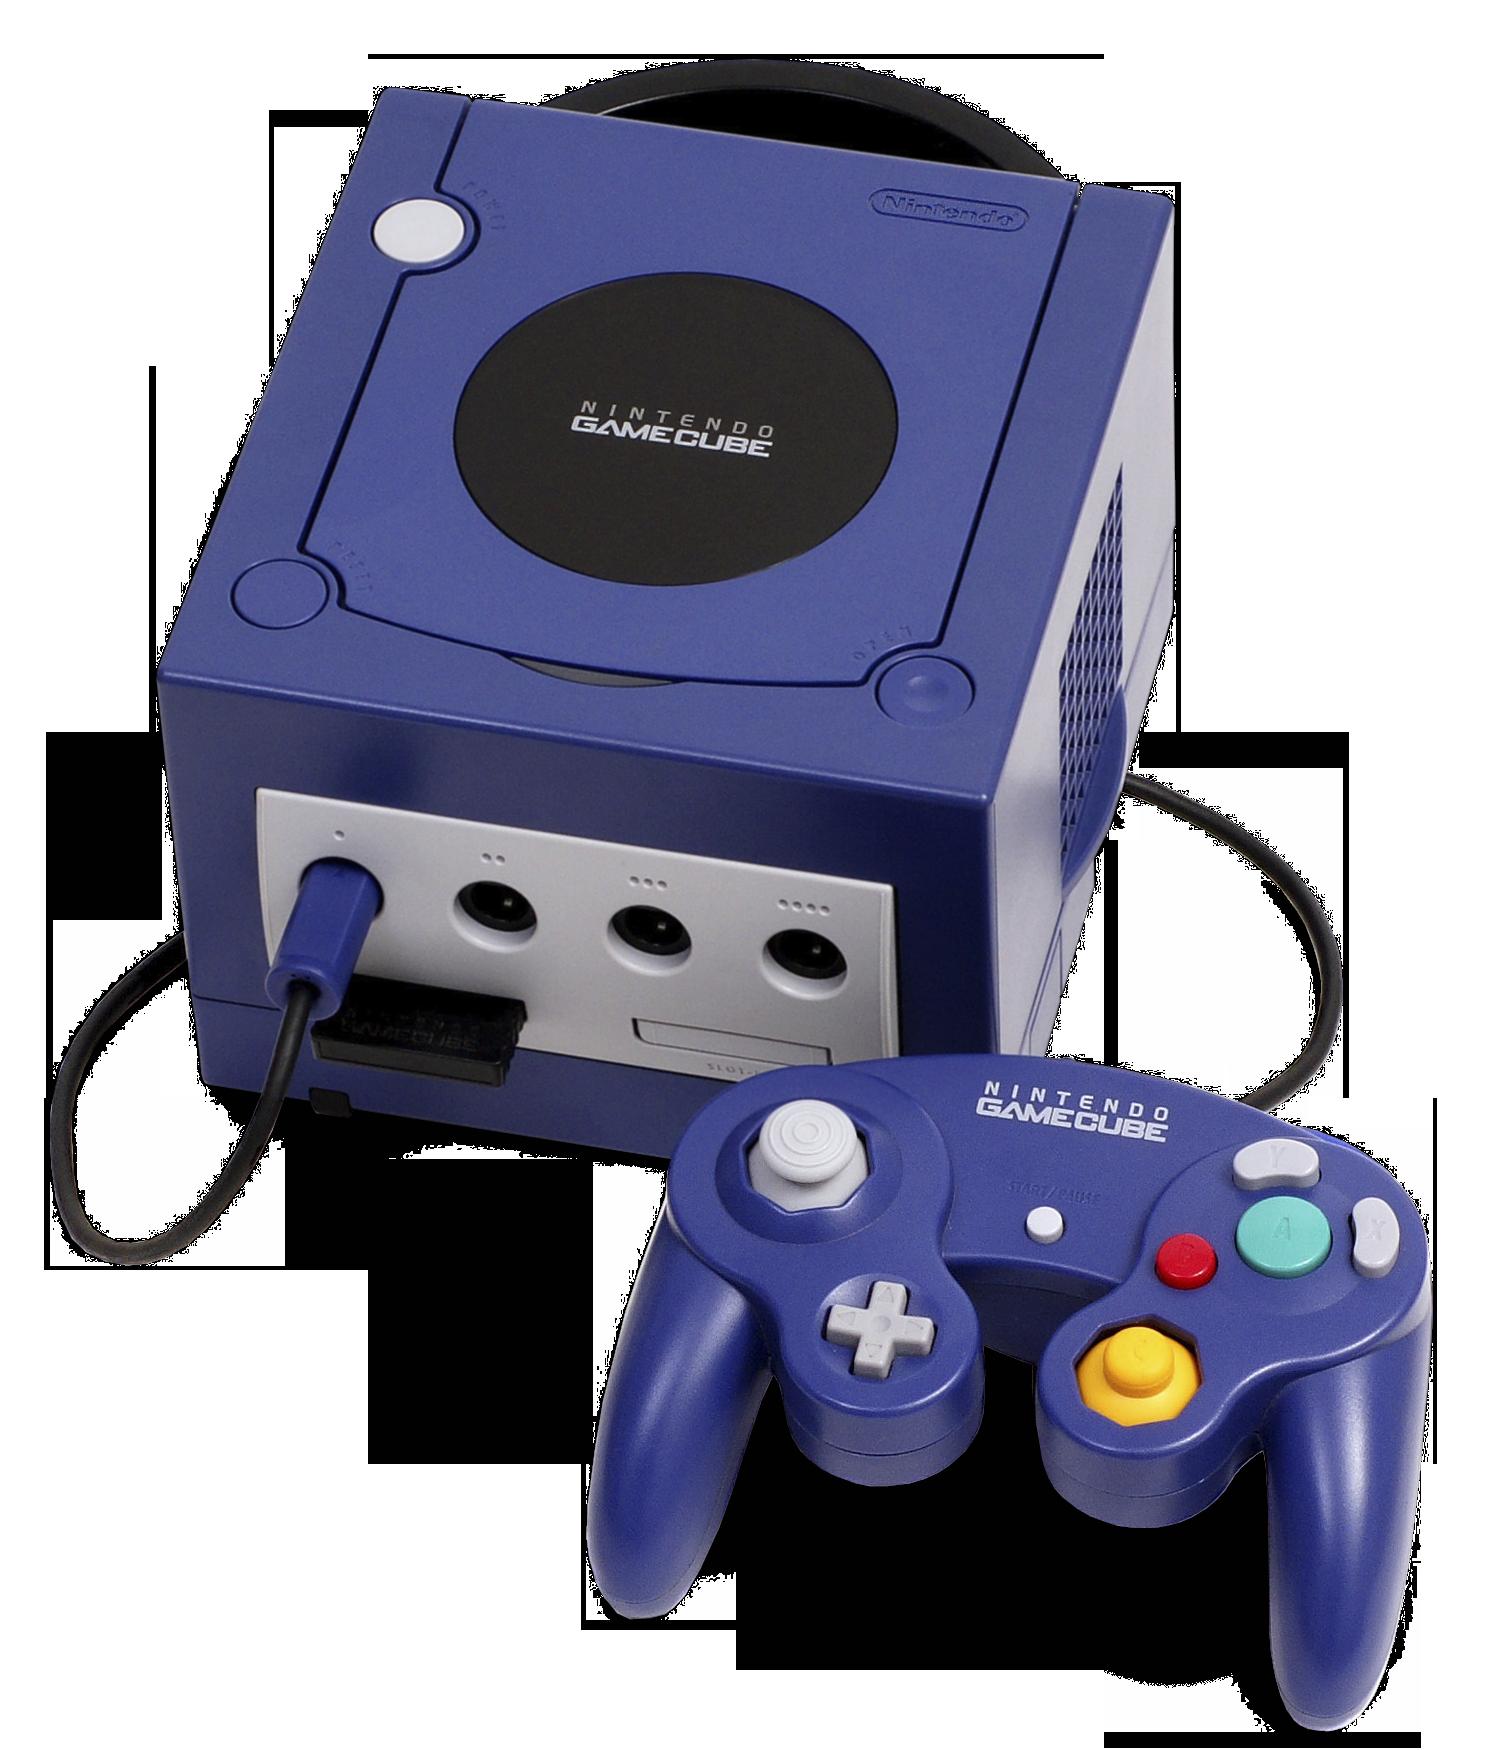 Histoire des consoles de jeux vid o de sixi me g n ration - Histoire des consoles de jeux ...